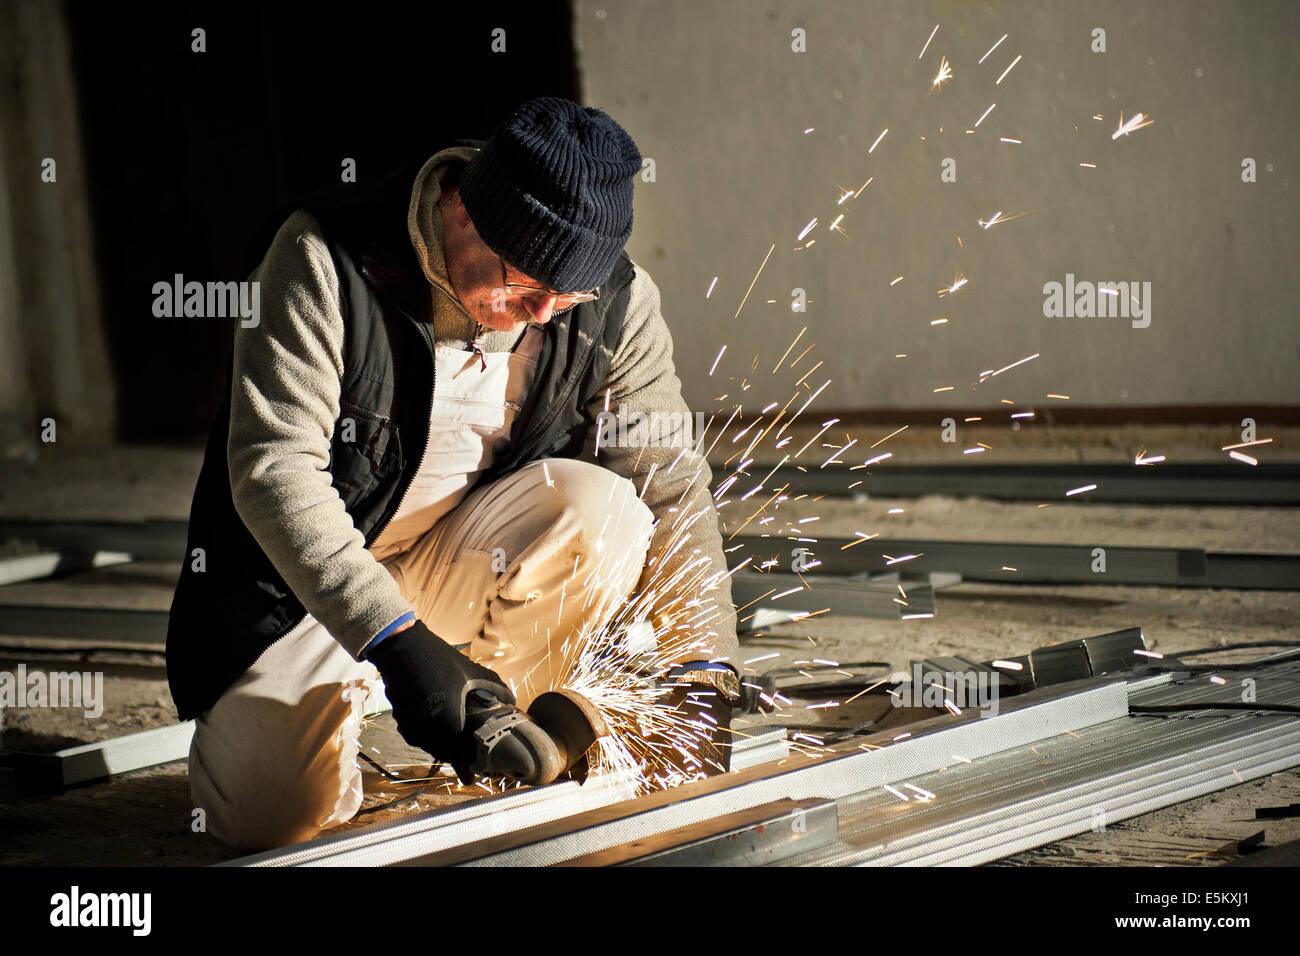 Man at work cutting metal - Stock Image